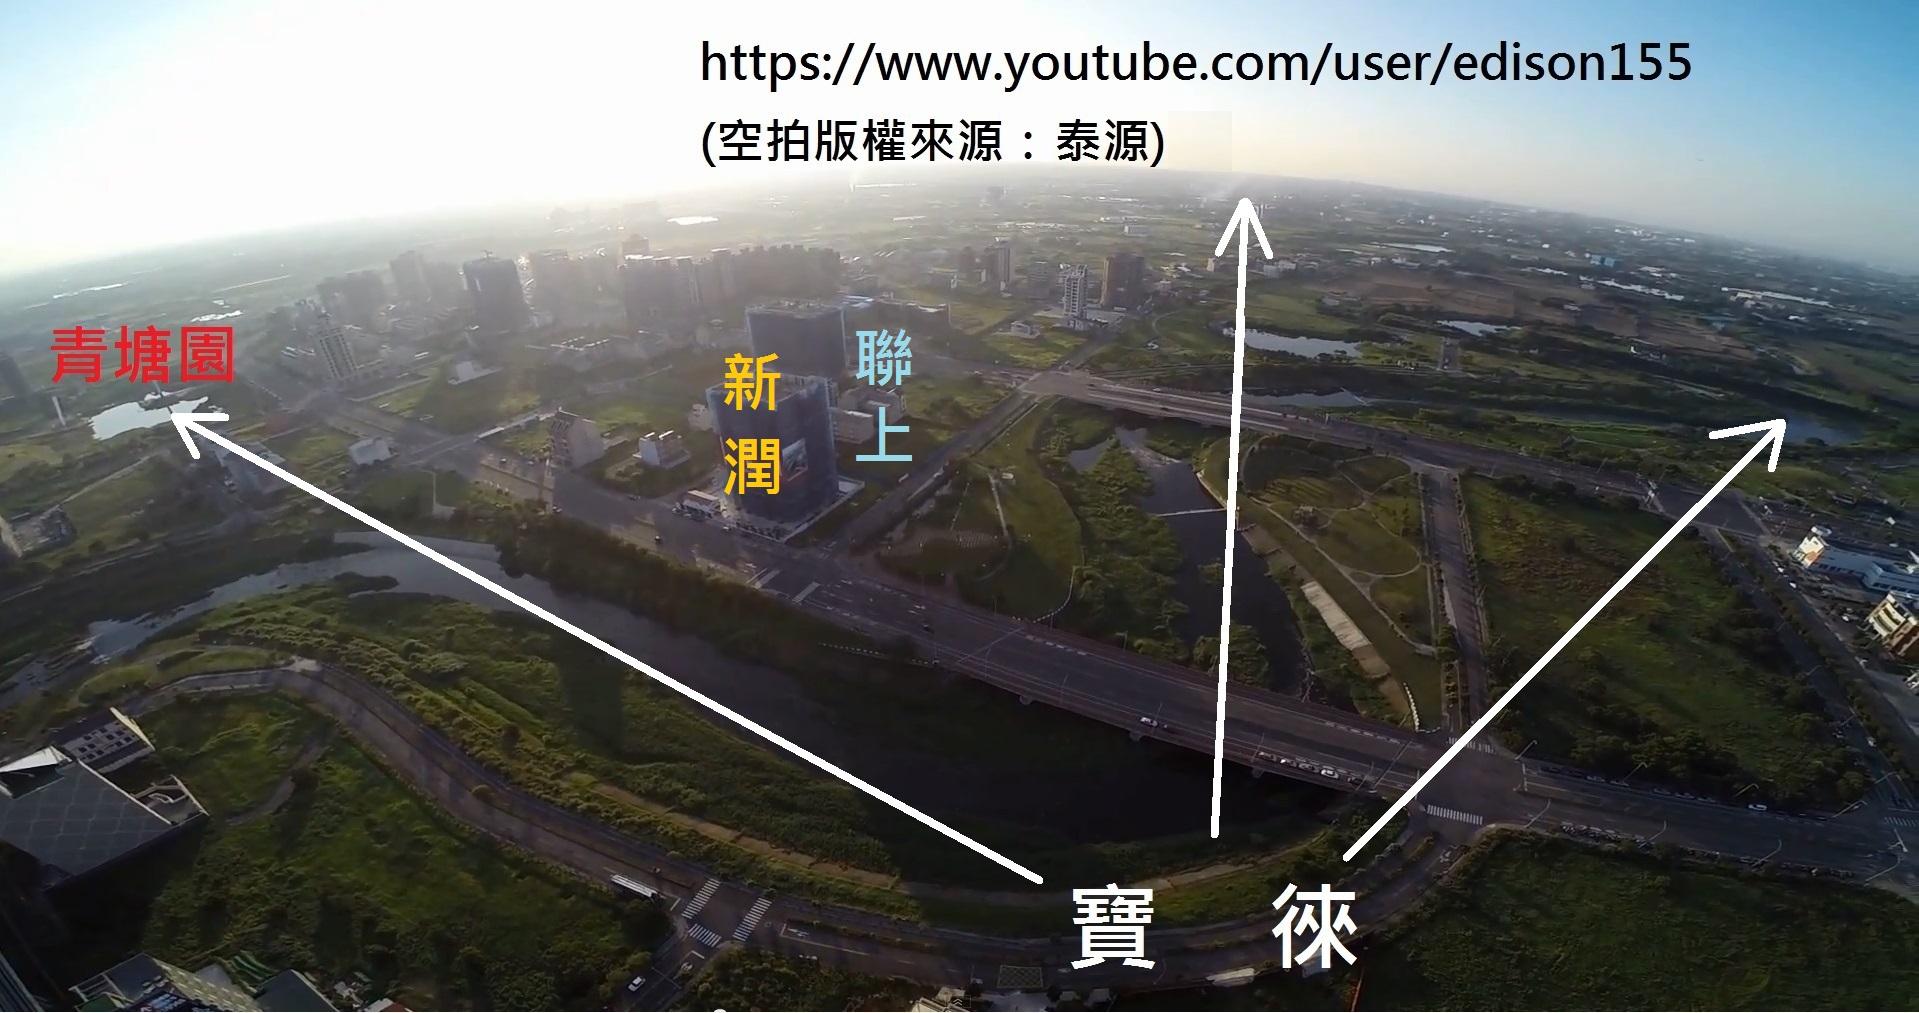 桃園青埔高鐵特區-水岸宅分析心得 - Mobile01